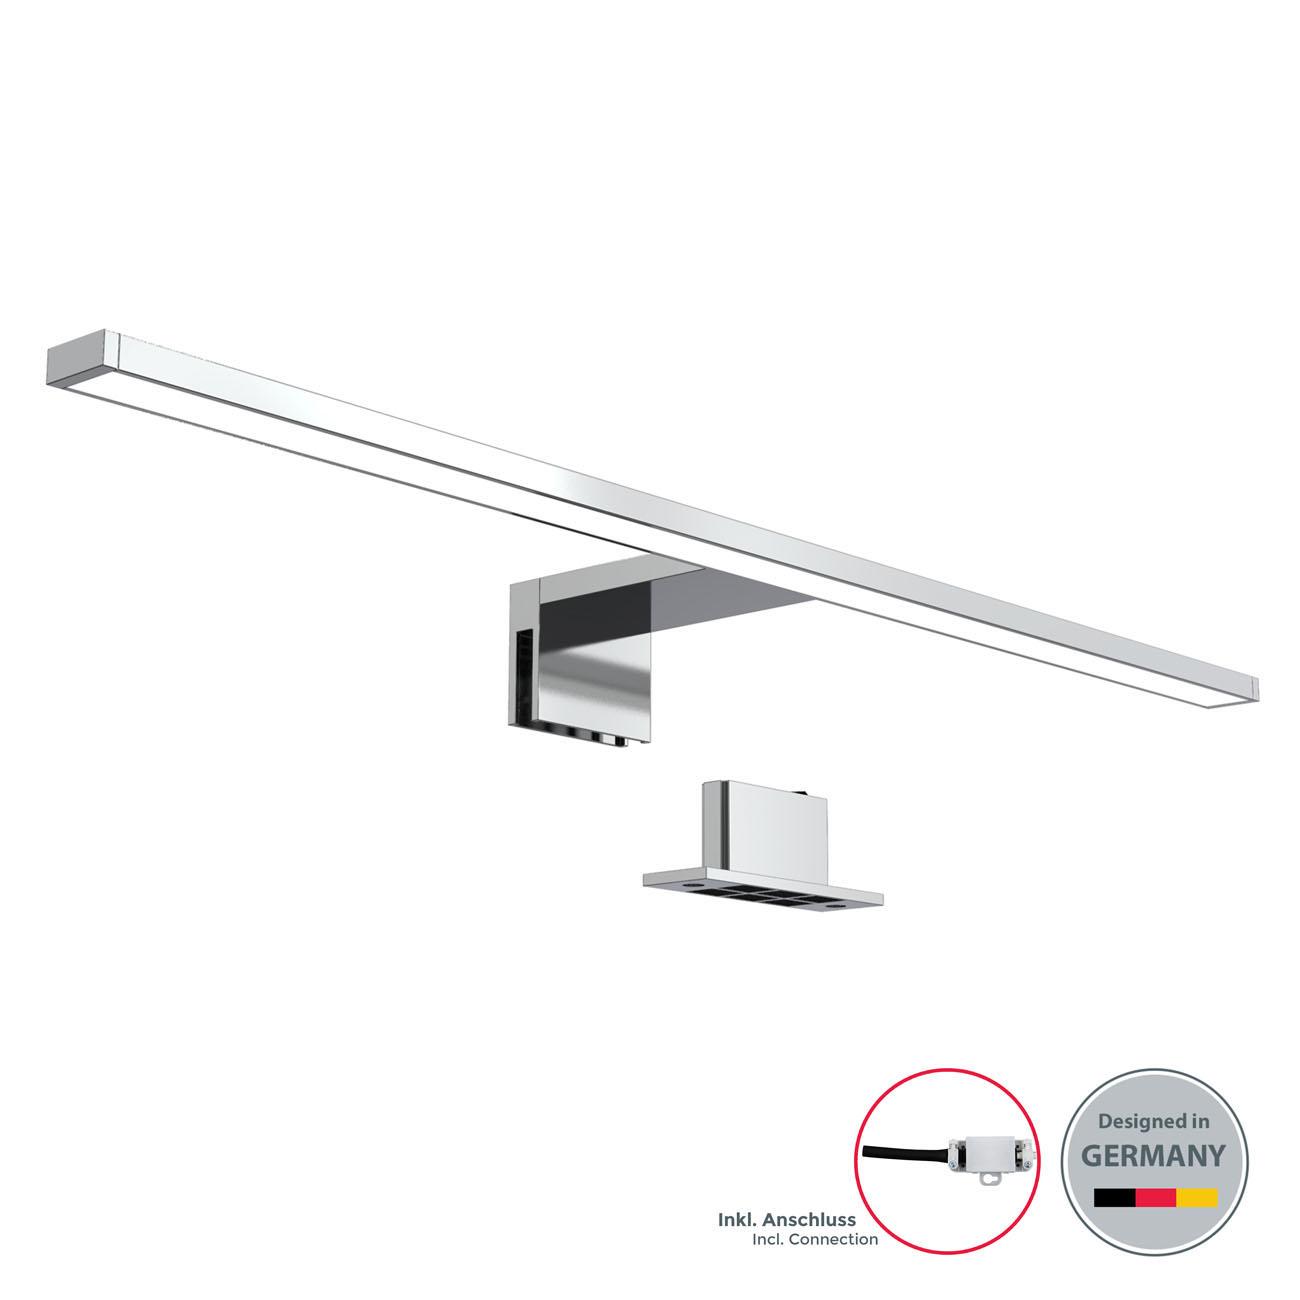 LED Spiegelleuchte Badlampe IP44 neutral-weiß M chrom - 3